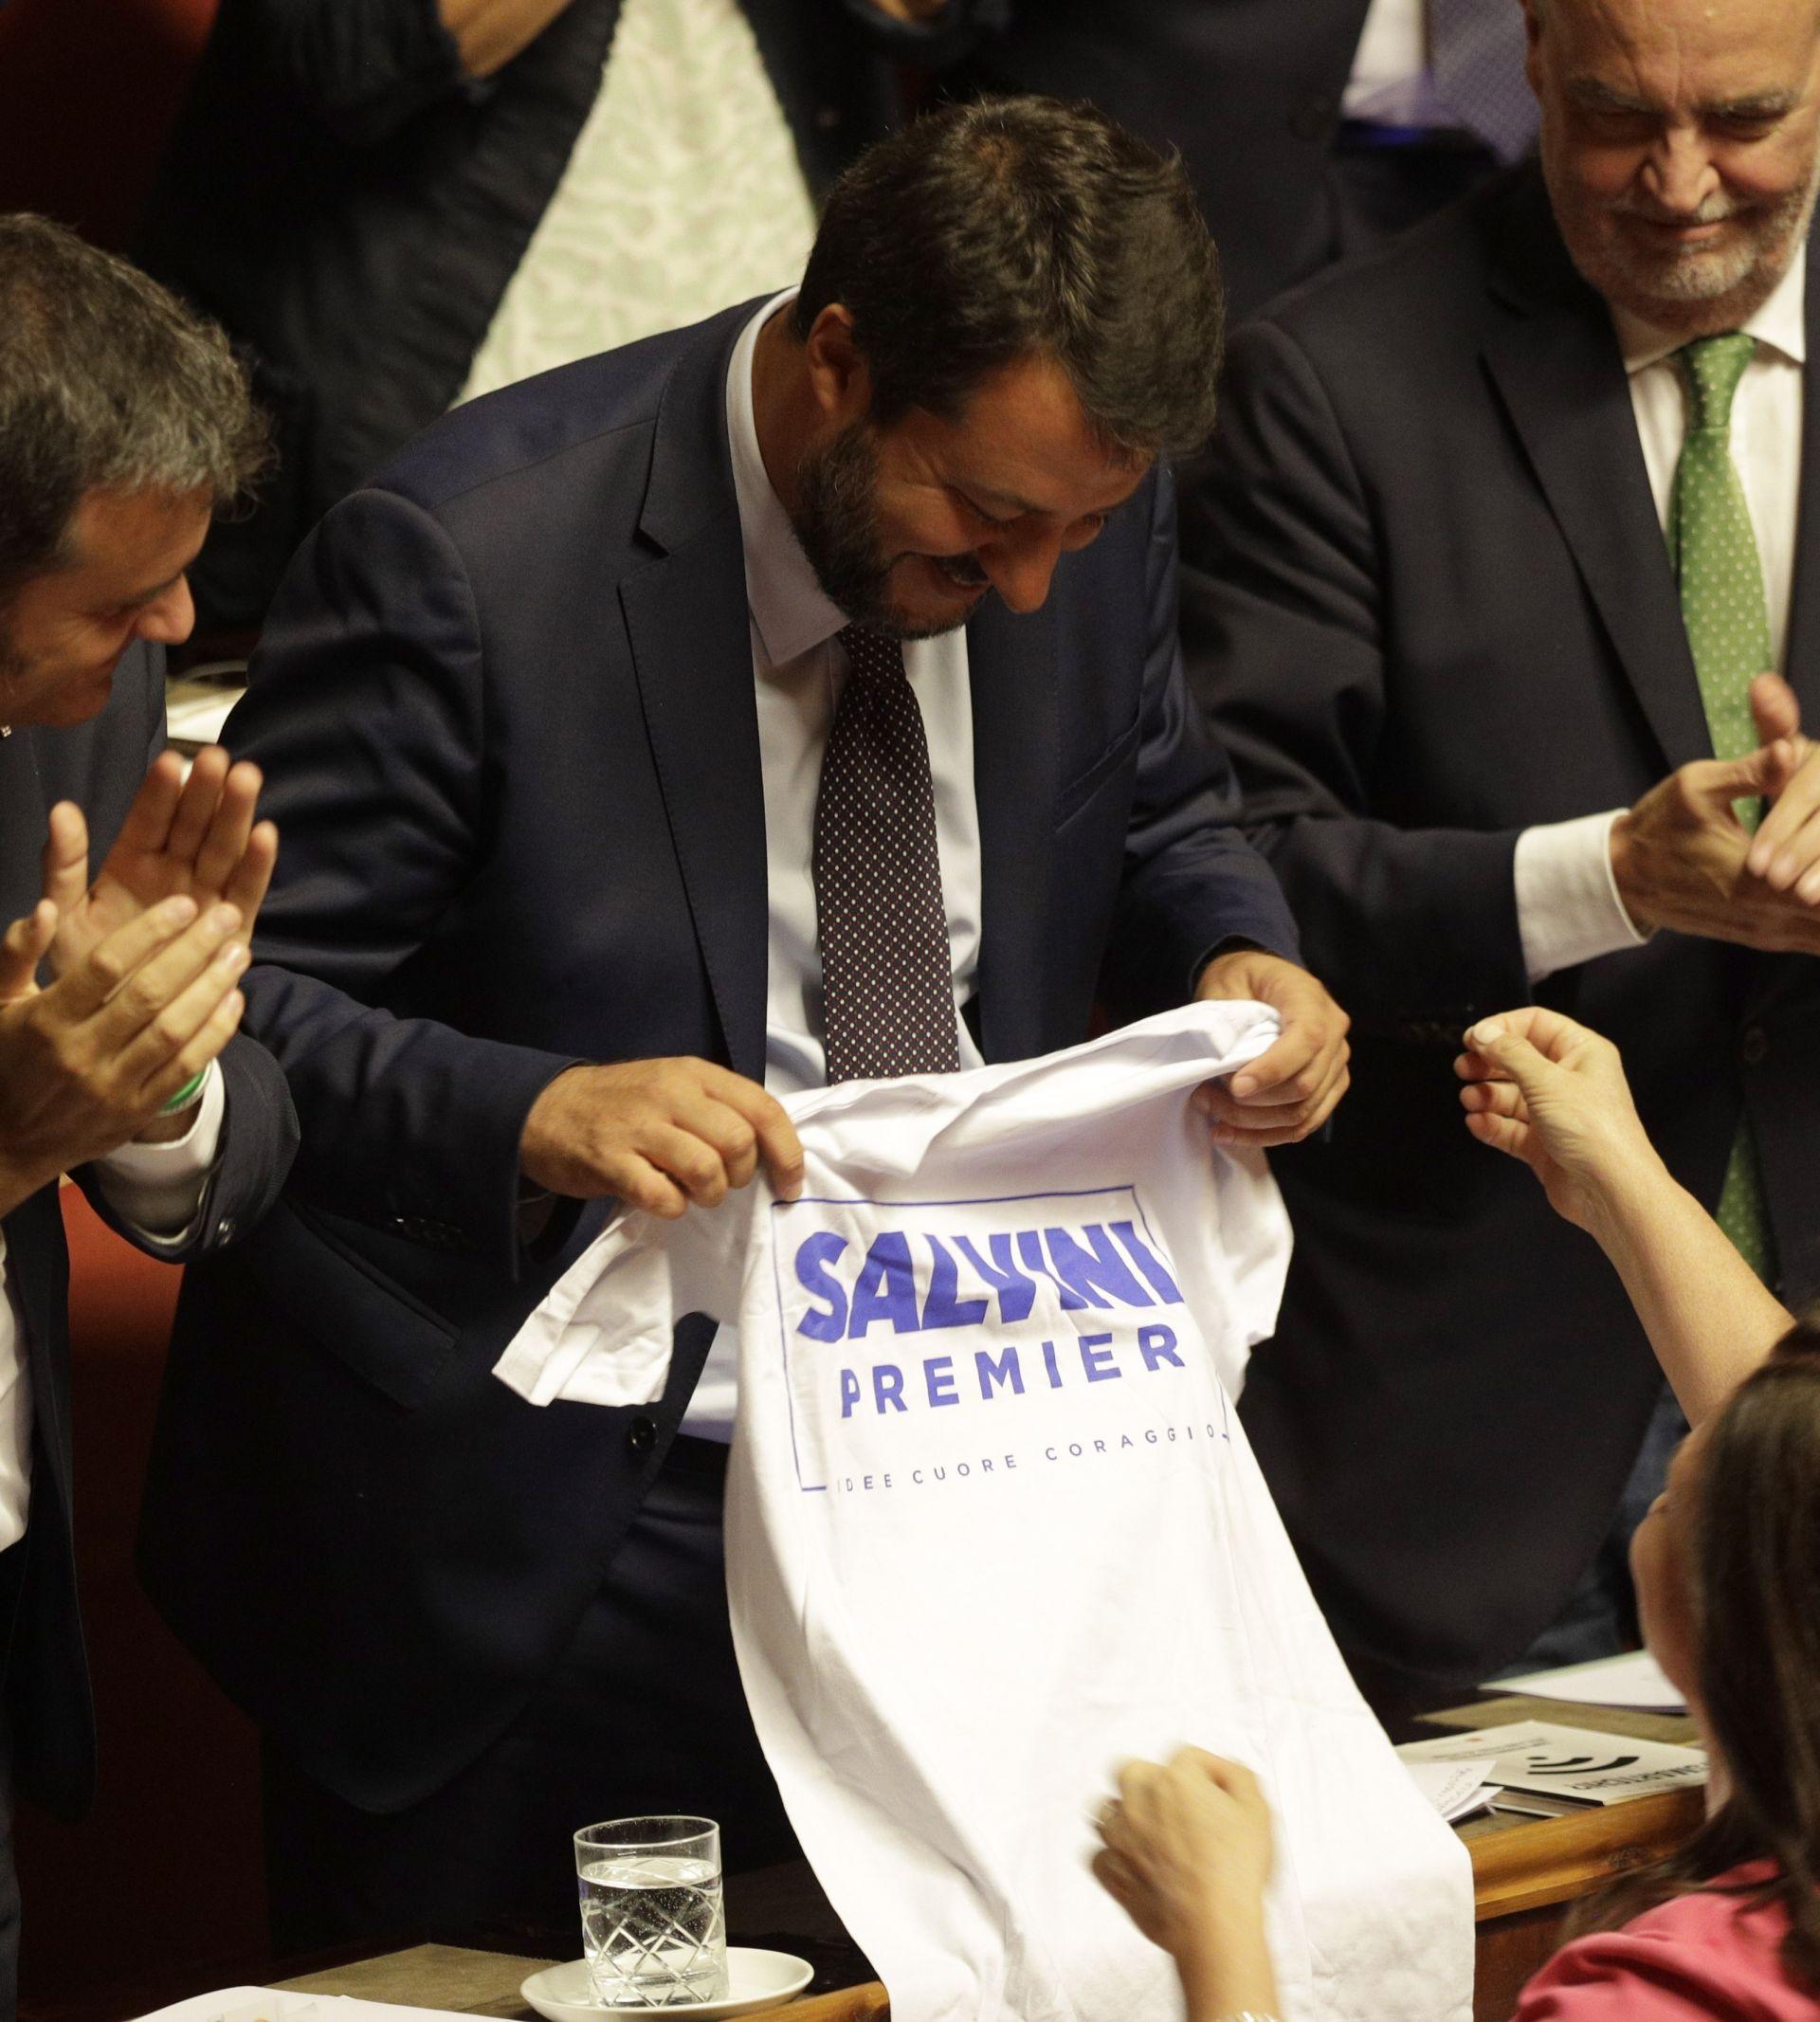 """Салвини получи тениска с надпис: """"Премиер на Салвини, идеи, сърце, смелост, след като направи изявлението си в Сената преди гласуването"""